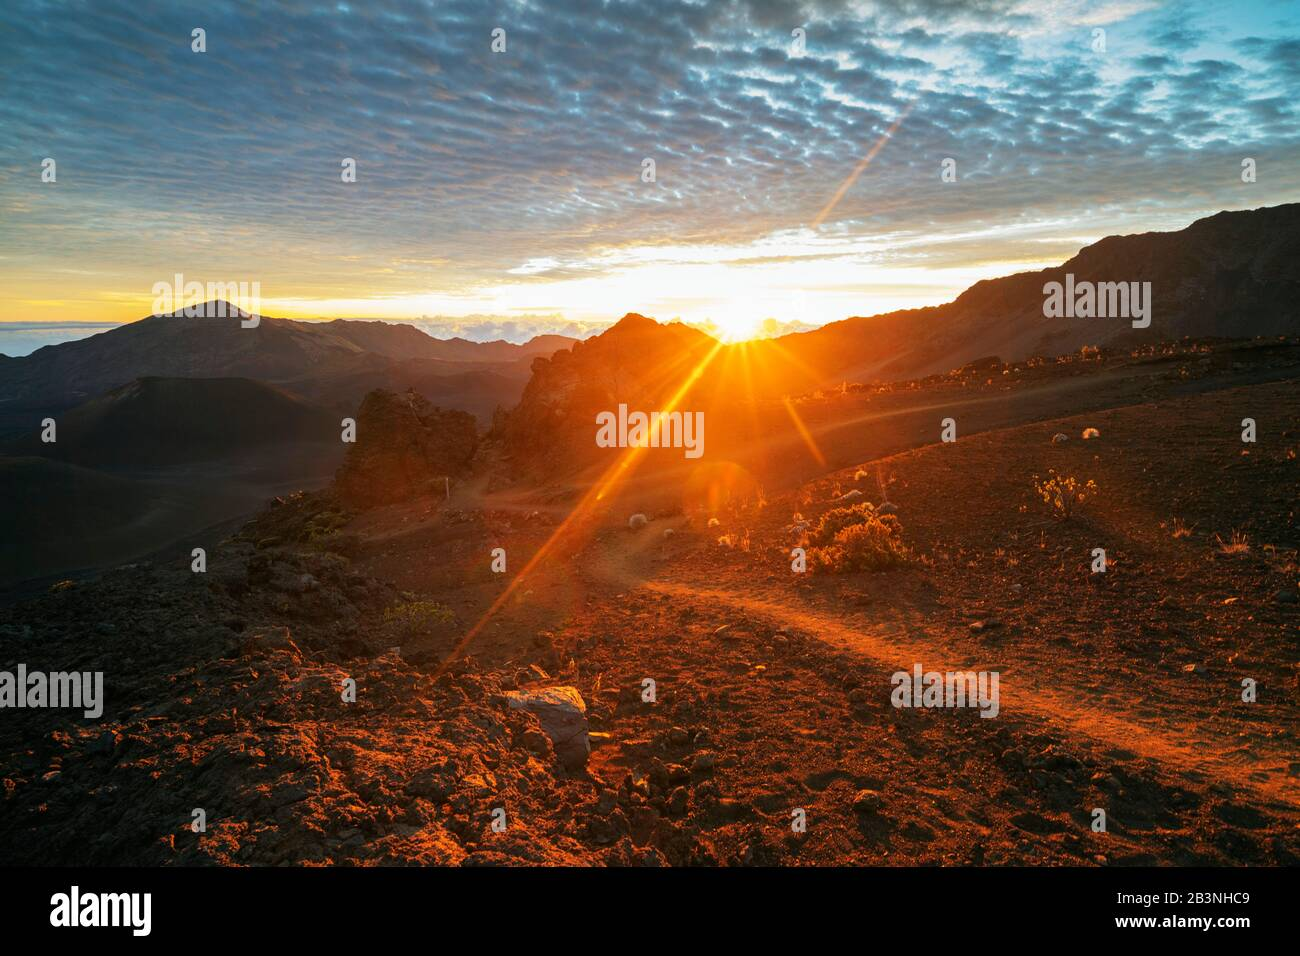 Parque Nacional Haleakala, paisaje volcánico al amanecer, Isla Maui, Hawai, Estados Unidos de América, América del Norte Foto de stock